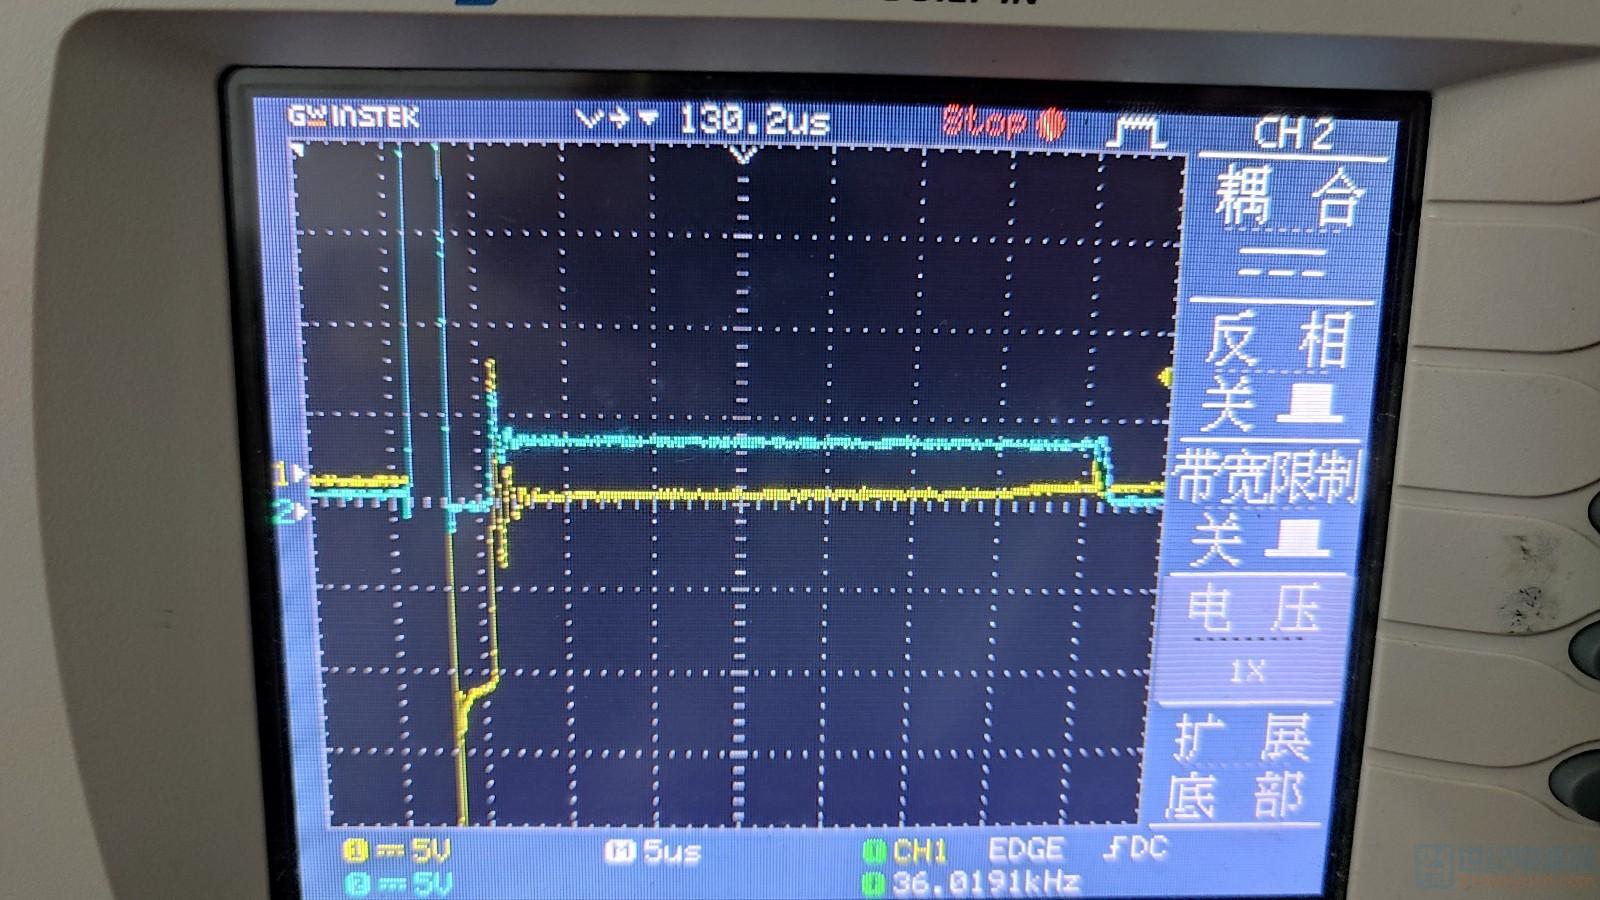 蓝色是Vds波形,黄色是副边电阻的波形